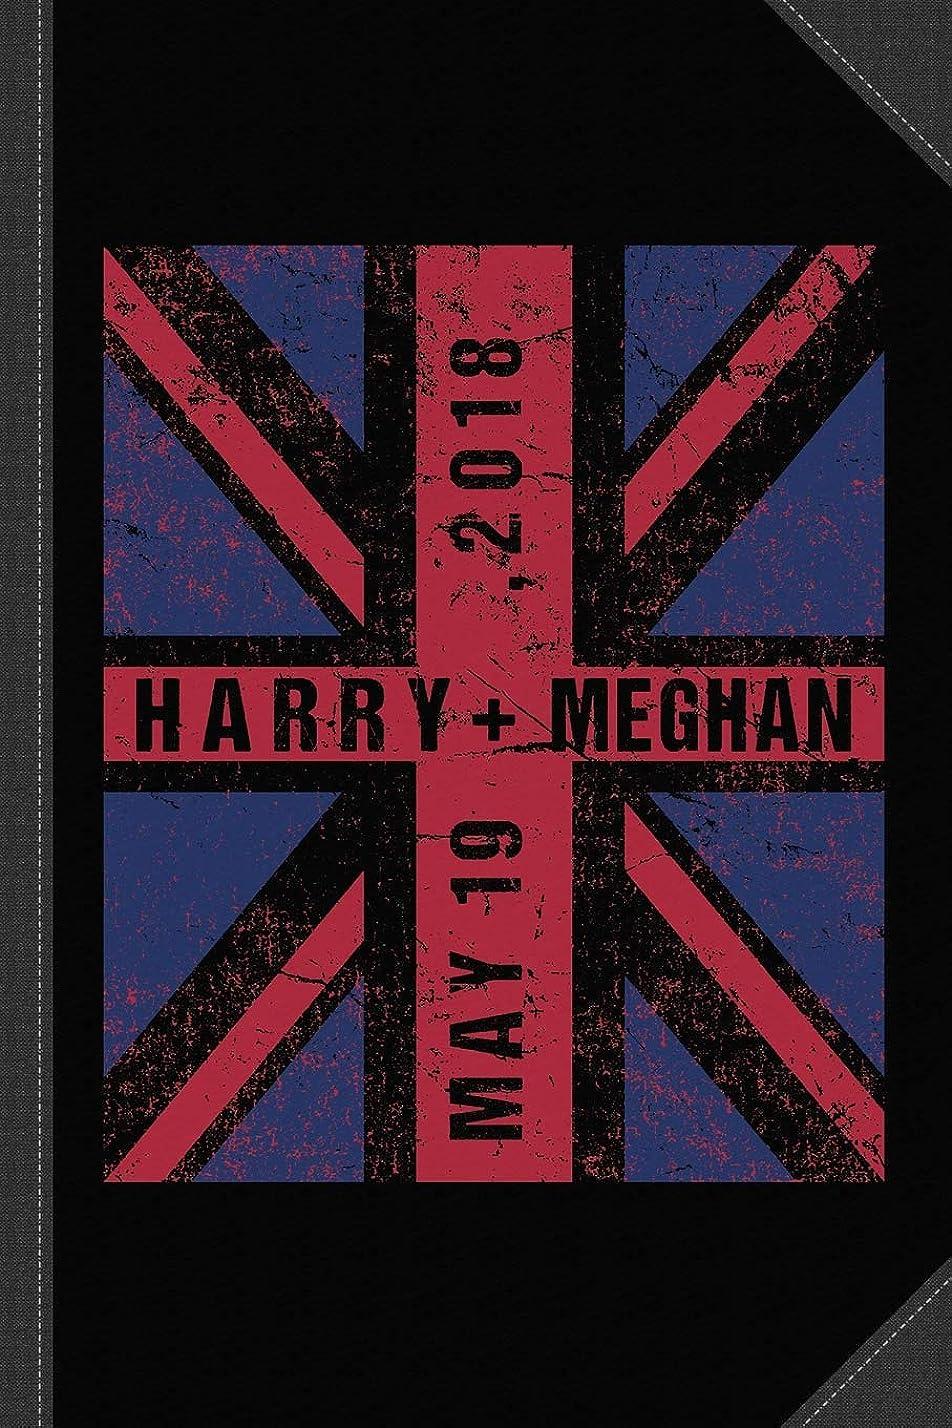 発行する軸敬Harry Plus Meghan Royal Wedding Union Jack Journal Notebook: Blank Lined Ruled For Writing 6x9 120 Pages